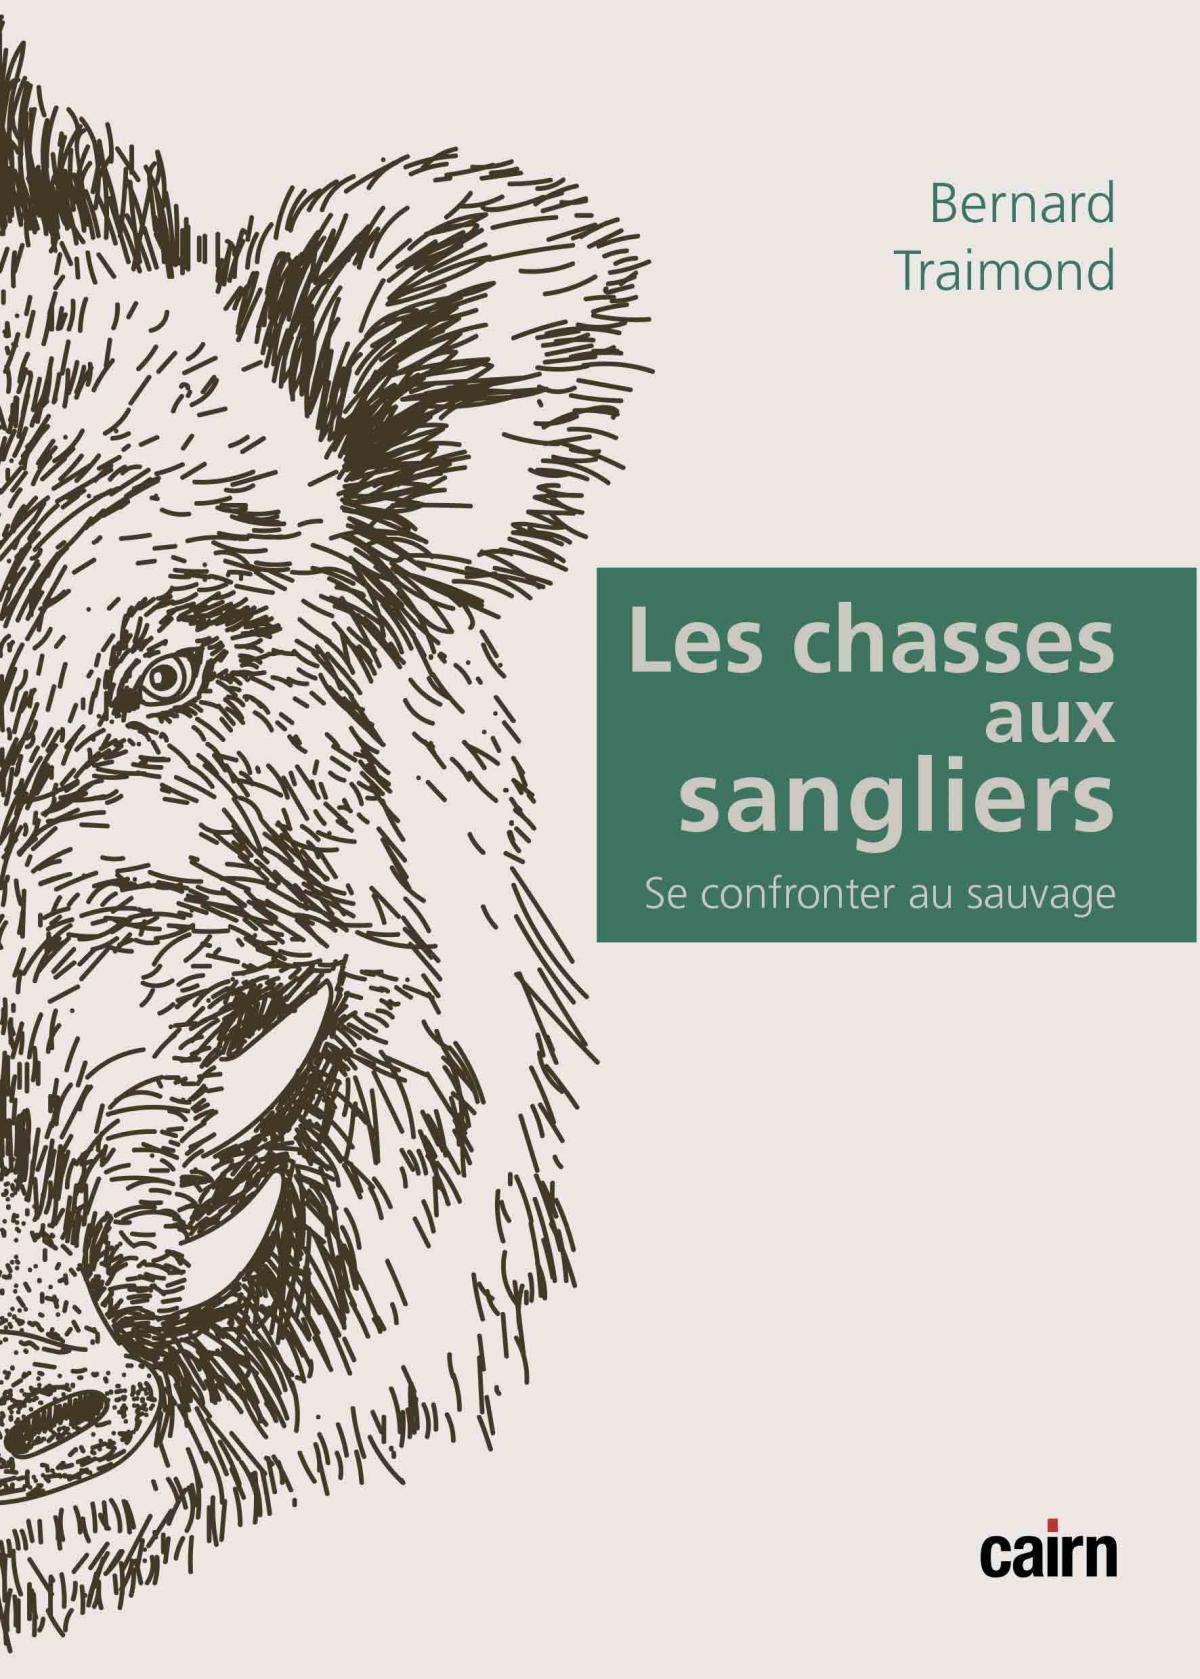 Les Chasses aux sangliers de Bernard Traimond